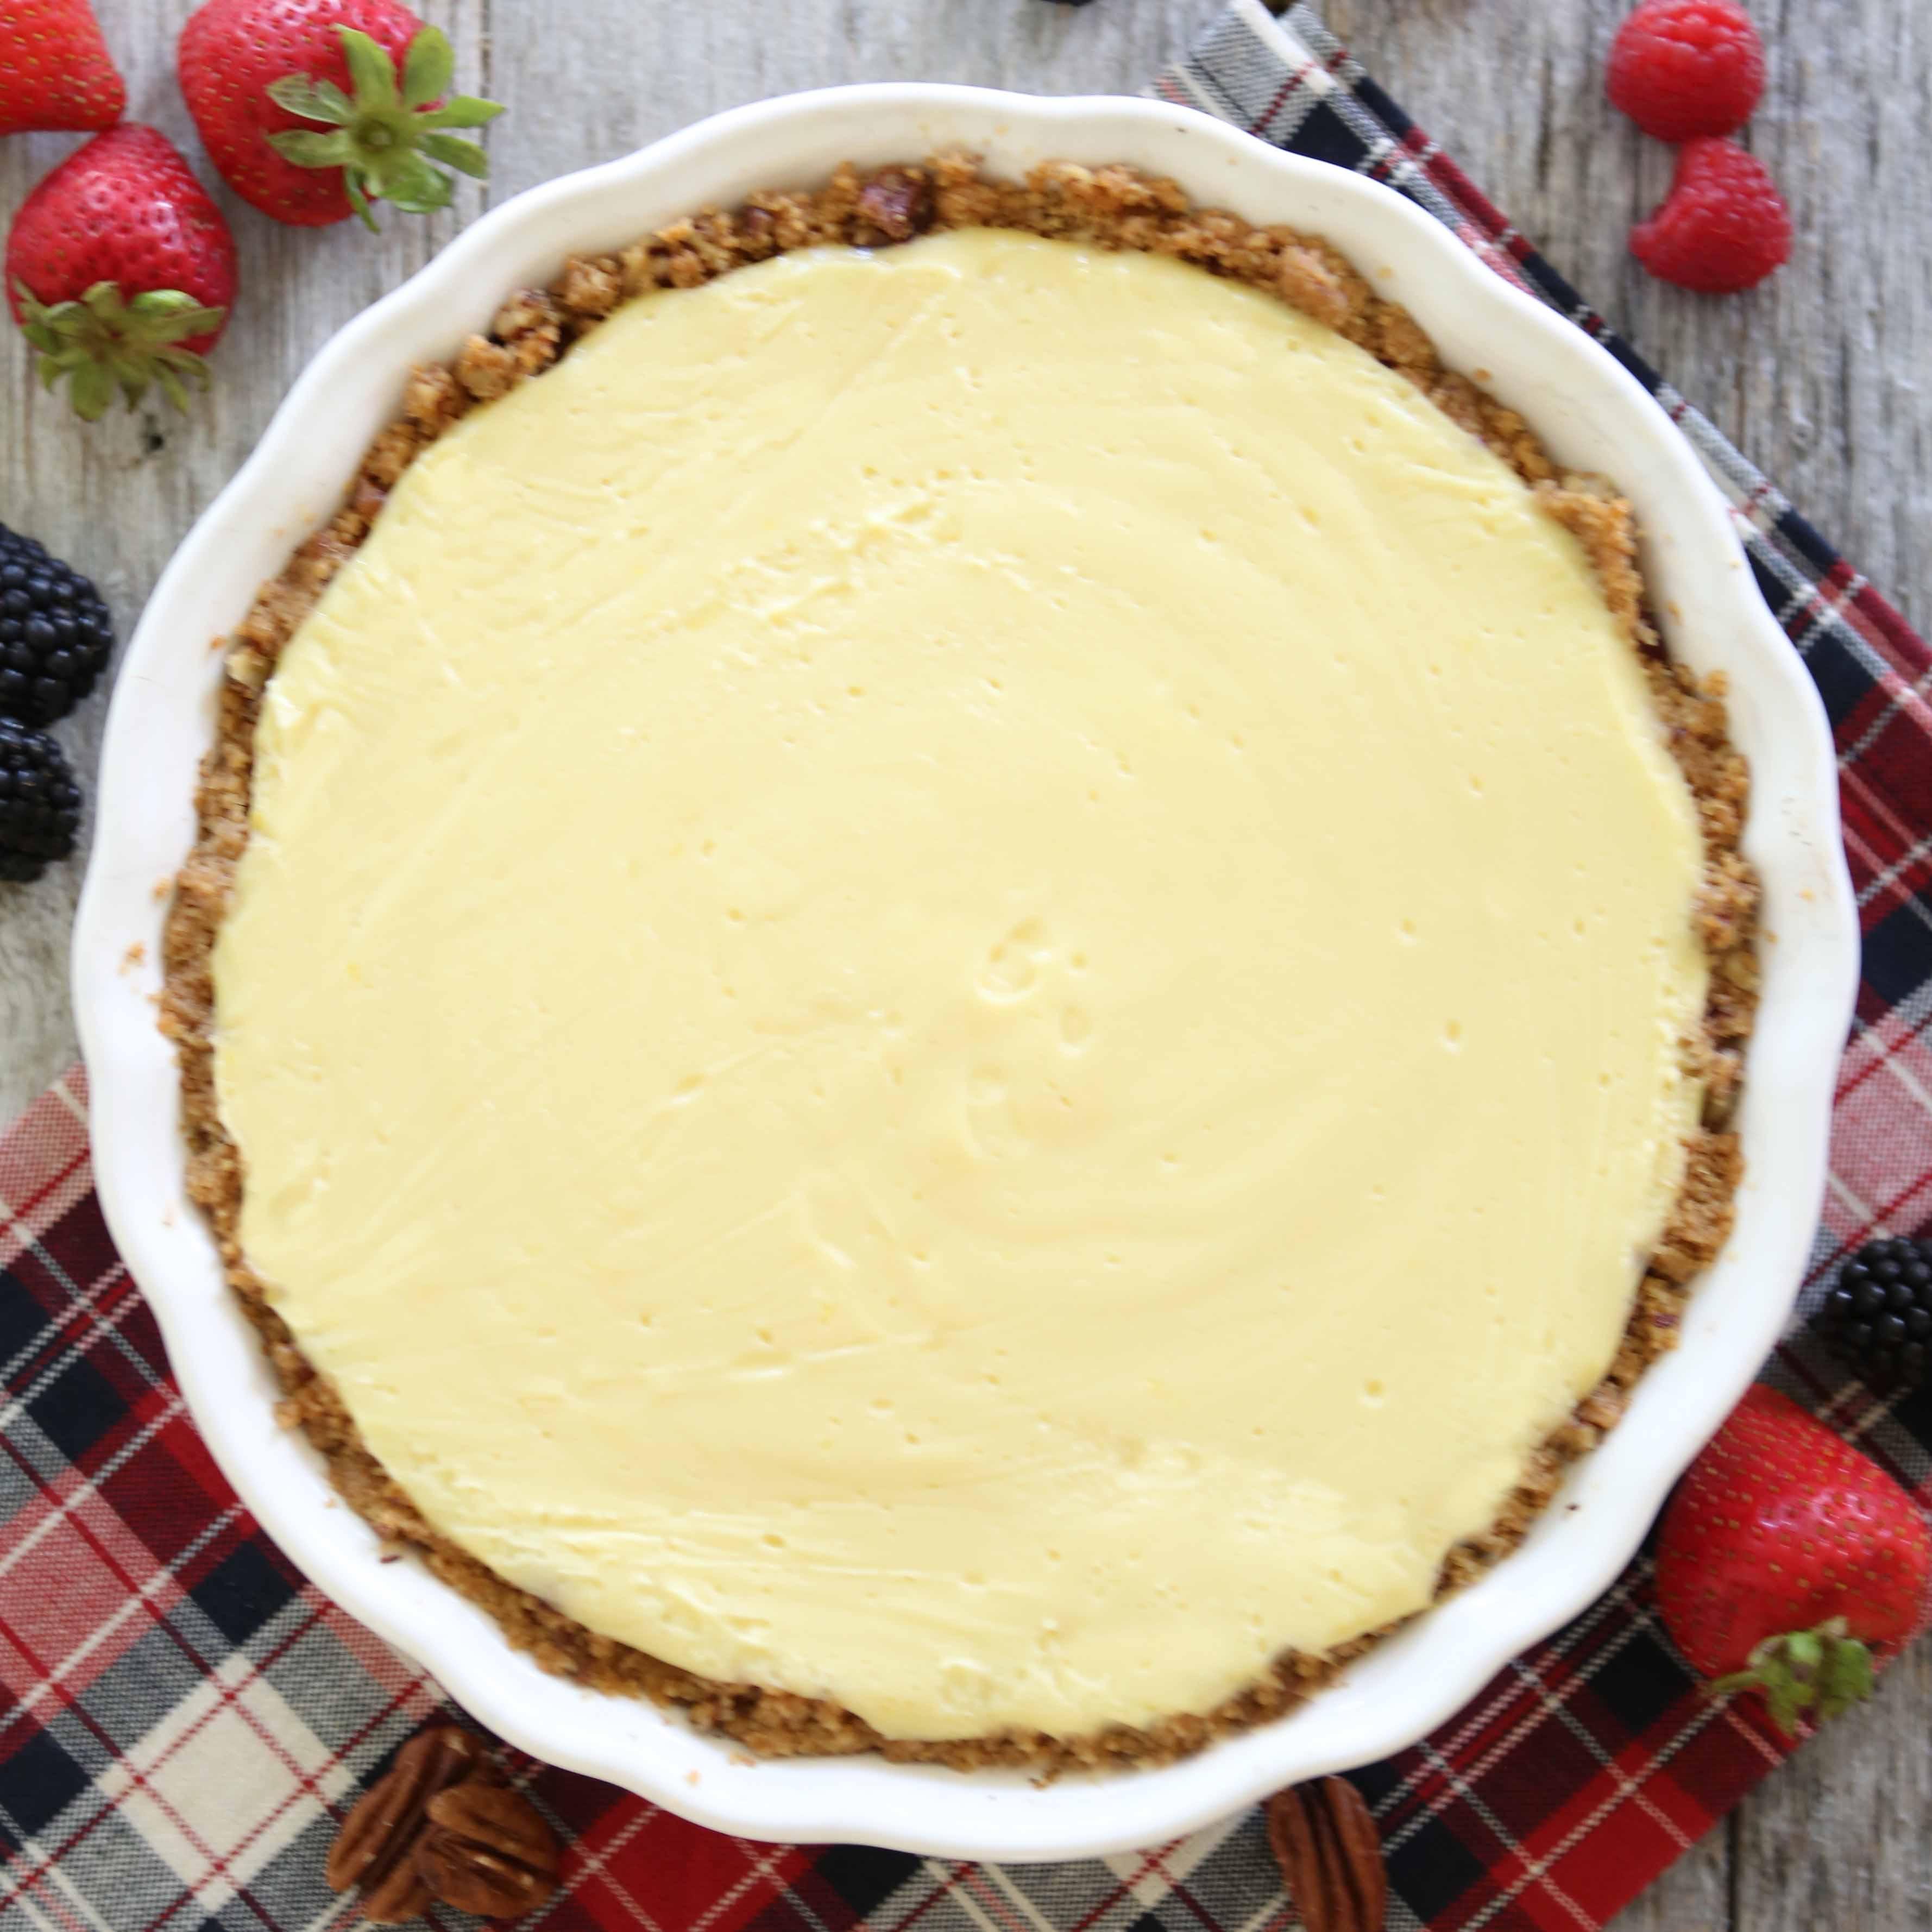 Berry Cream Pie Recipe